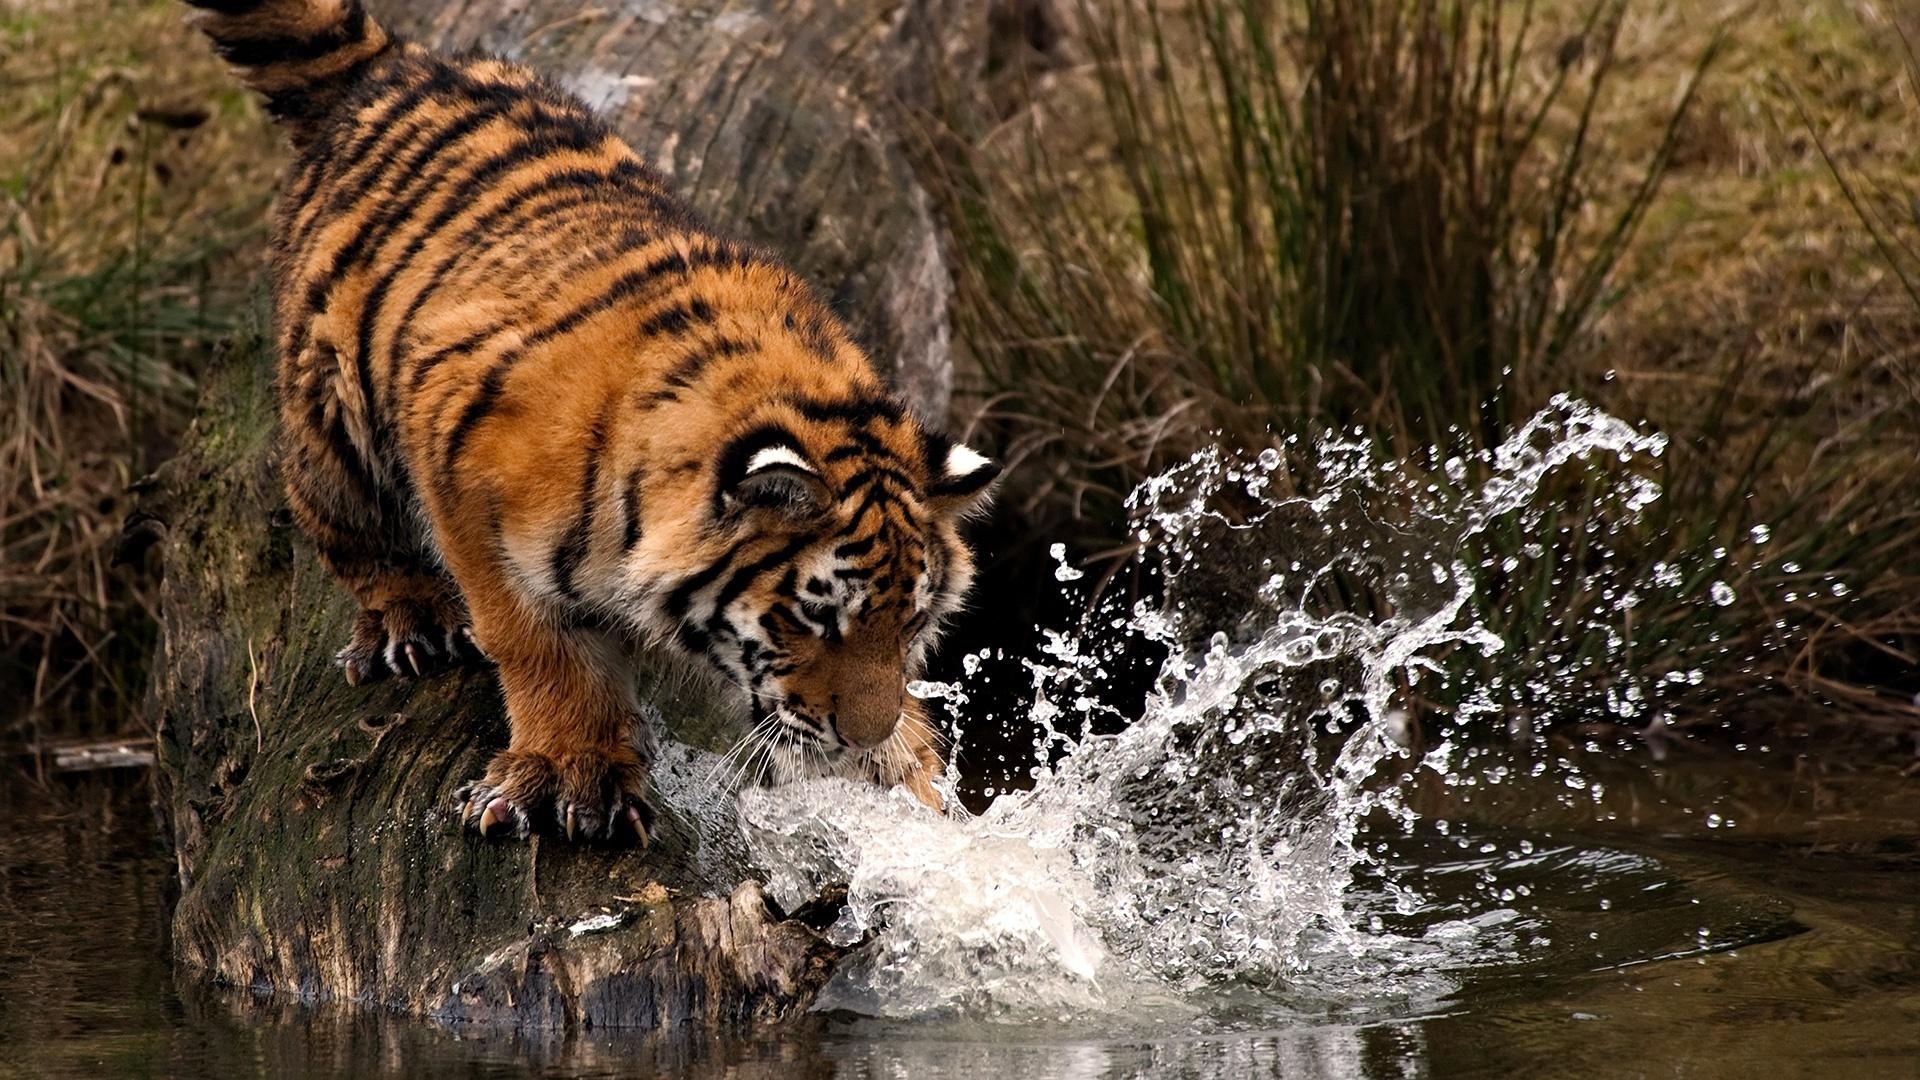 Tapeta Na Monitor Zvirata Tygr Za Rev Svetle Zbarveni